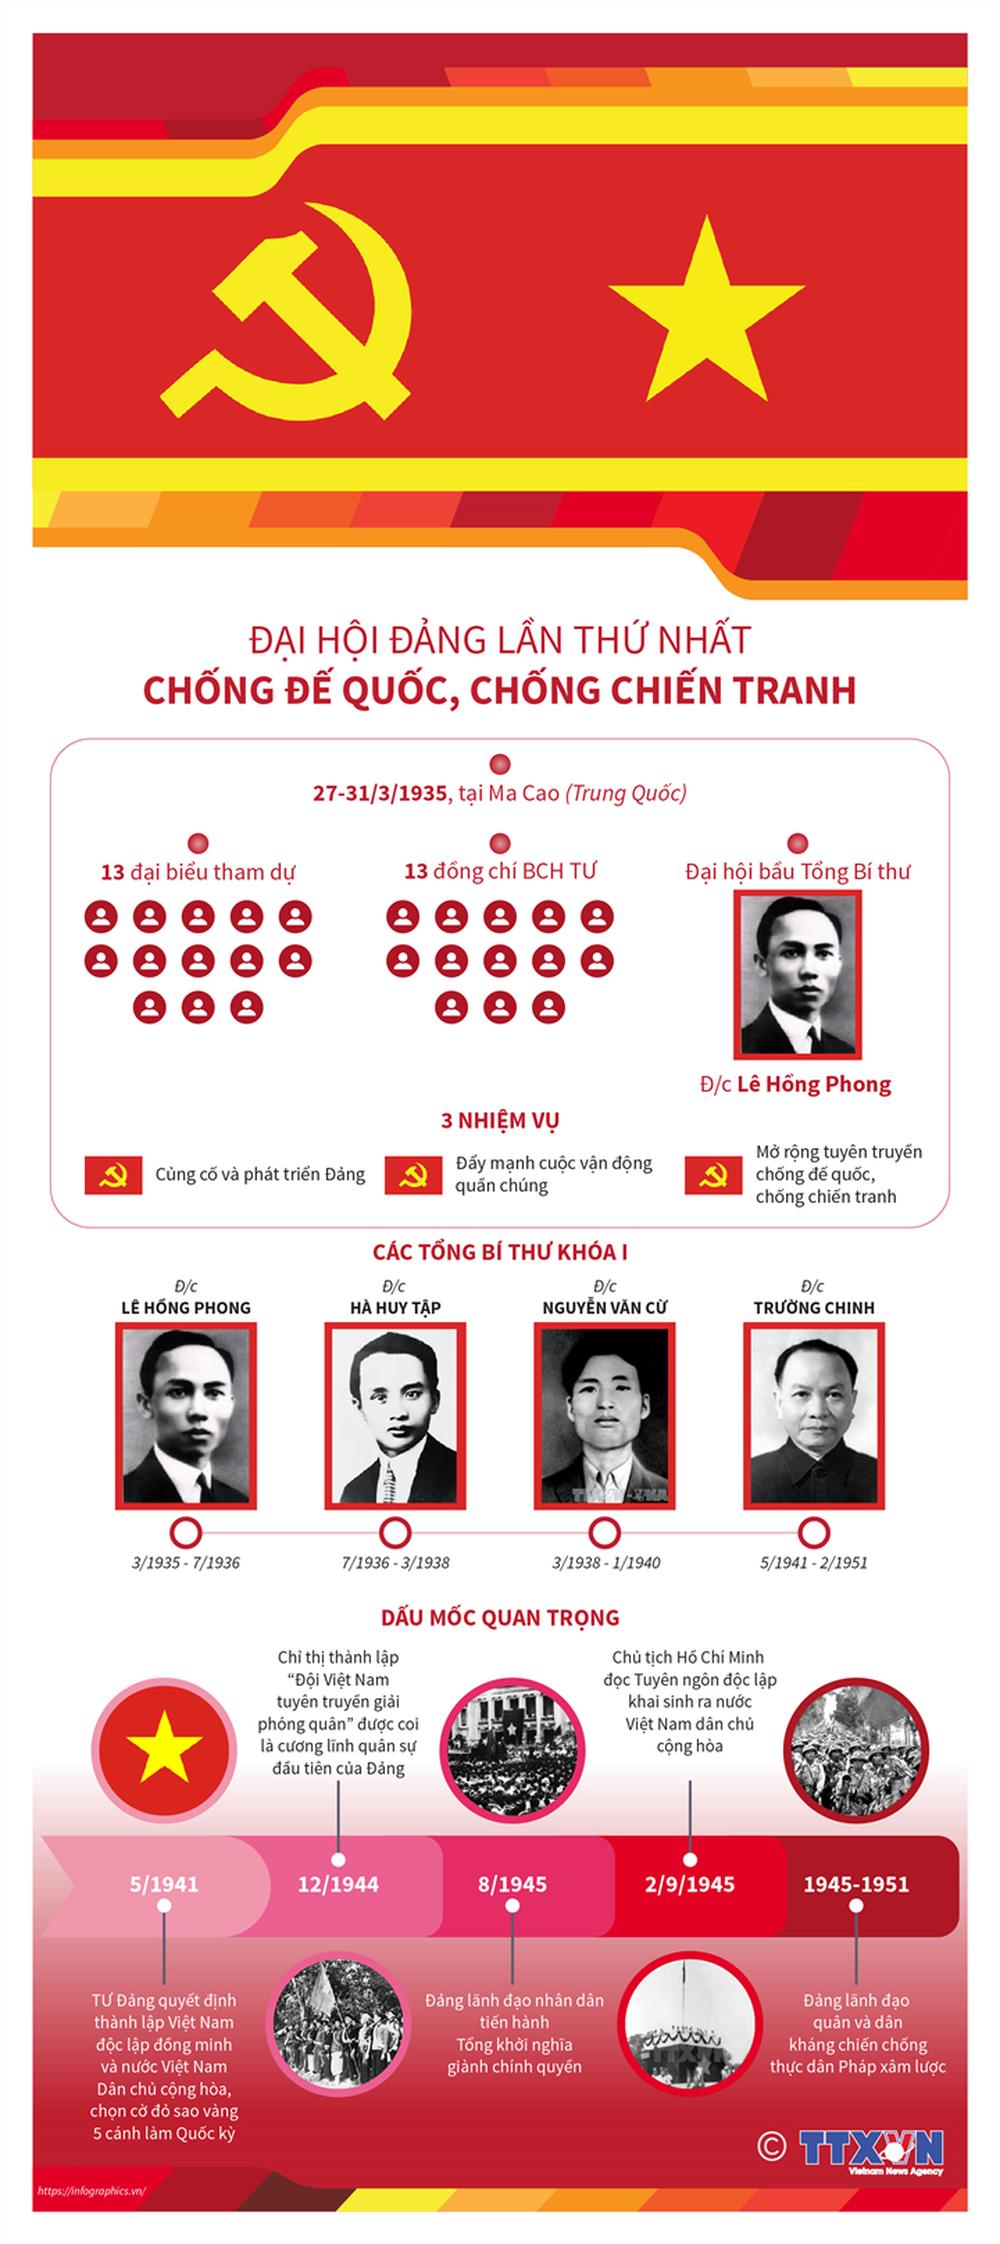 Nhìn lại 12 kỳ Đại hội của Đảng Cộng sản Việt Nam - Ảnh 1.